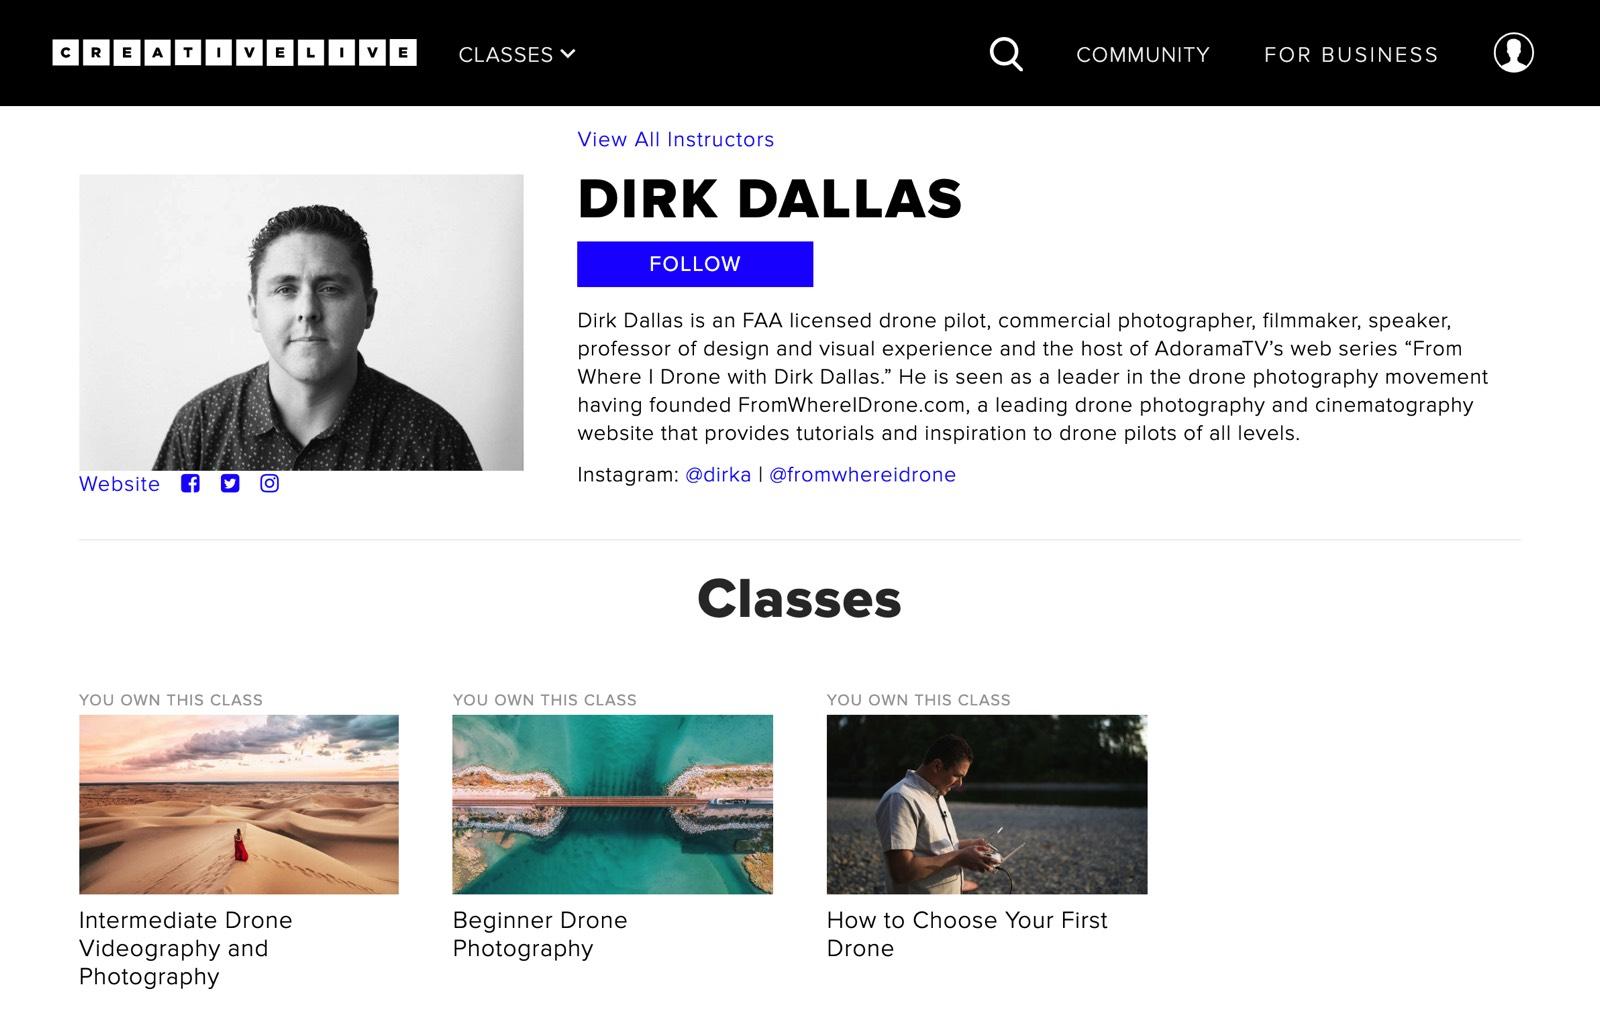 Dirk Dallas CreativeLive Drone Courses